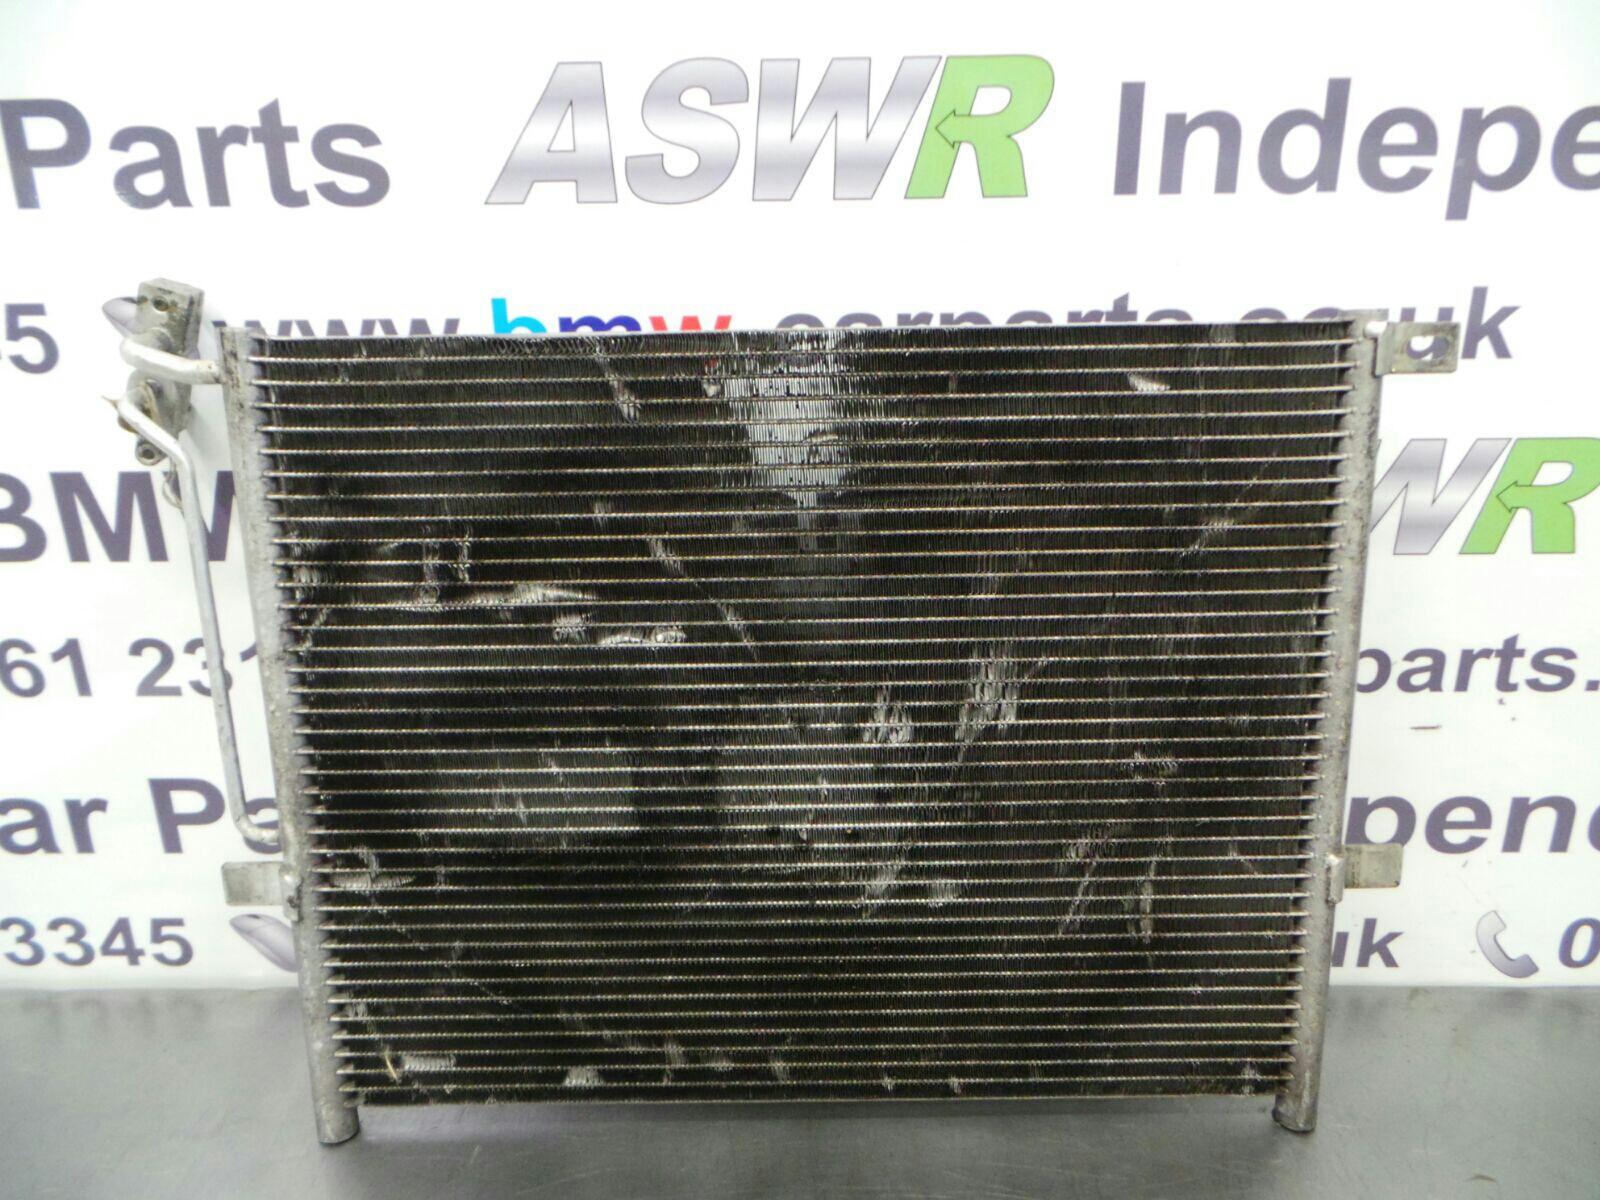 black engine silicone acatalog hose srh motorsport radiator bmw bay